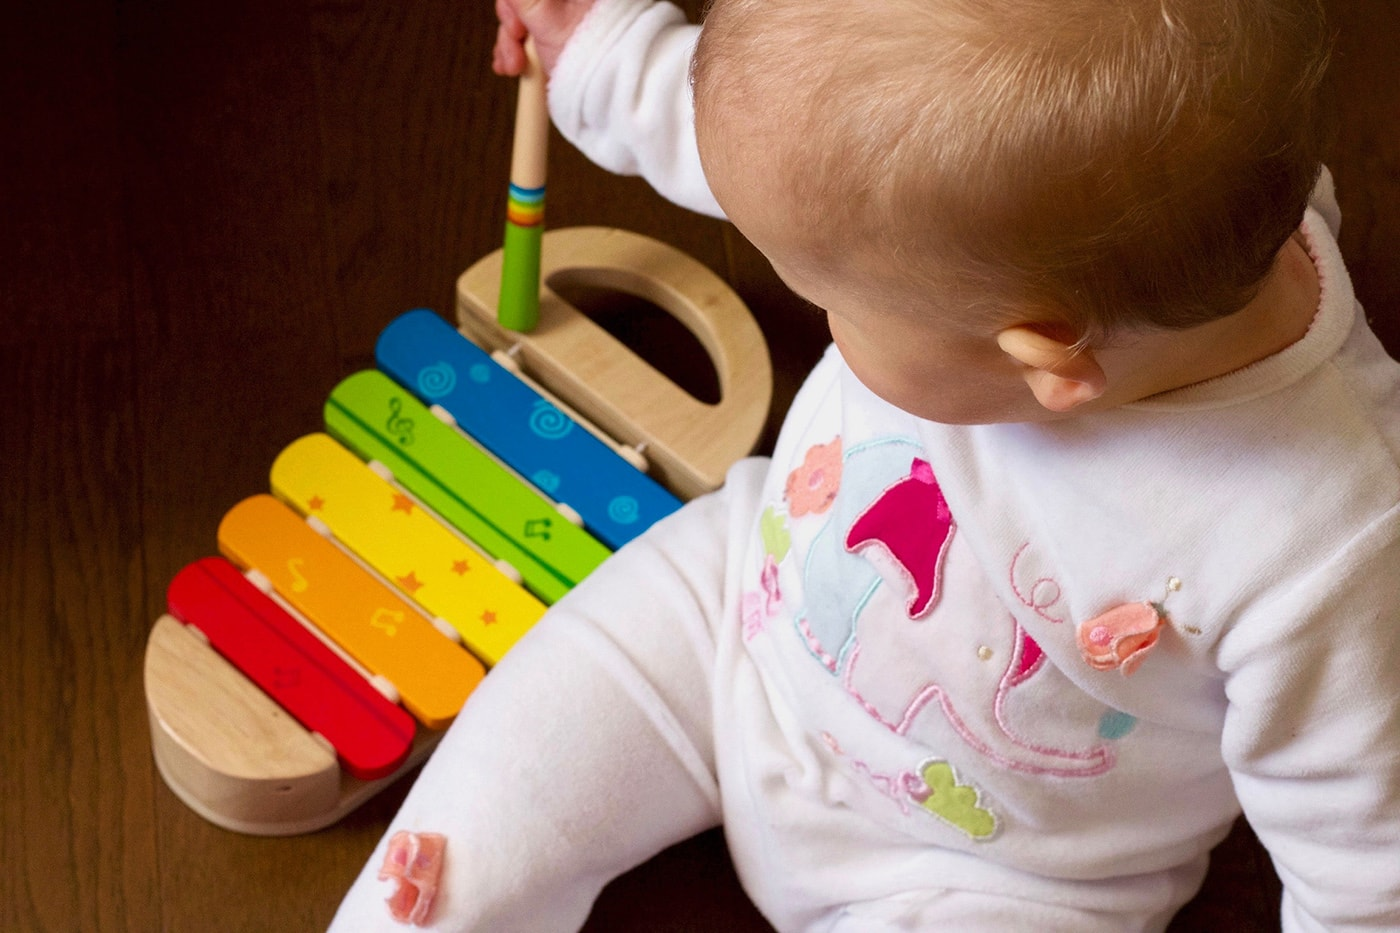 Kleine Läden unterstützen: Baby spiet // HIMBEER